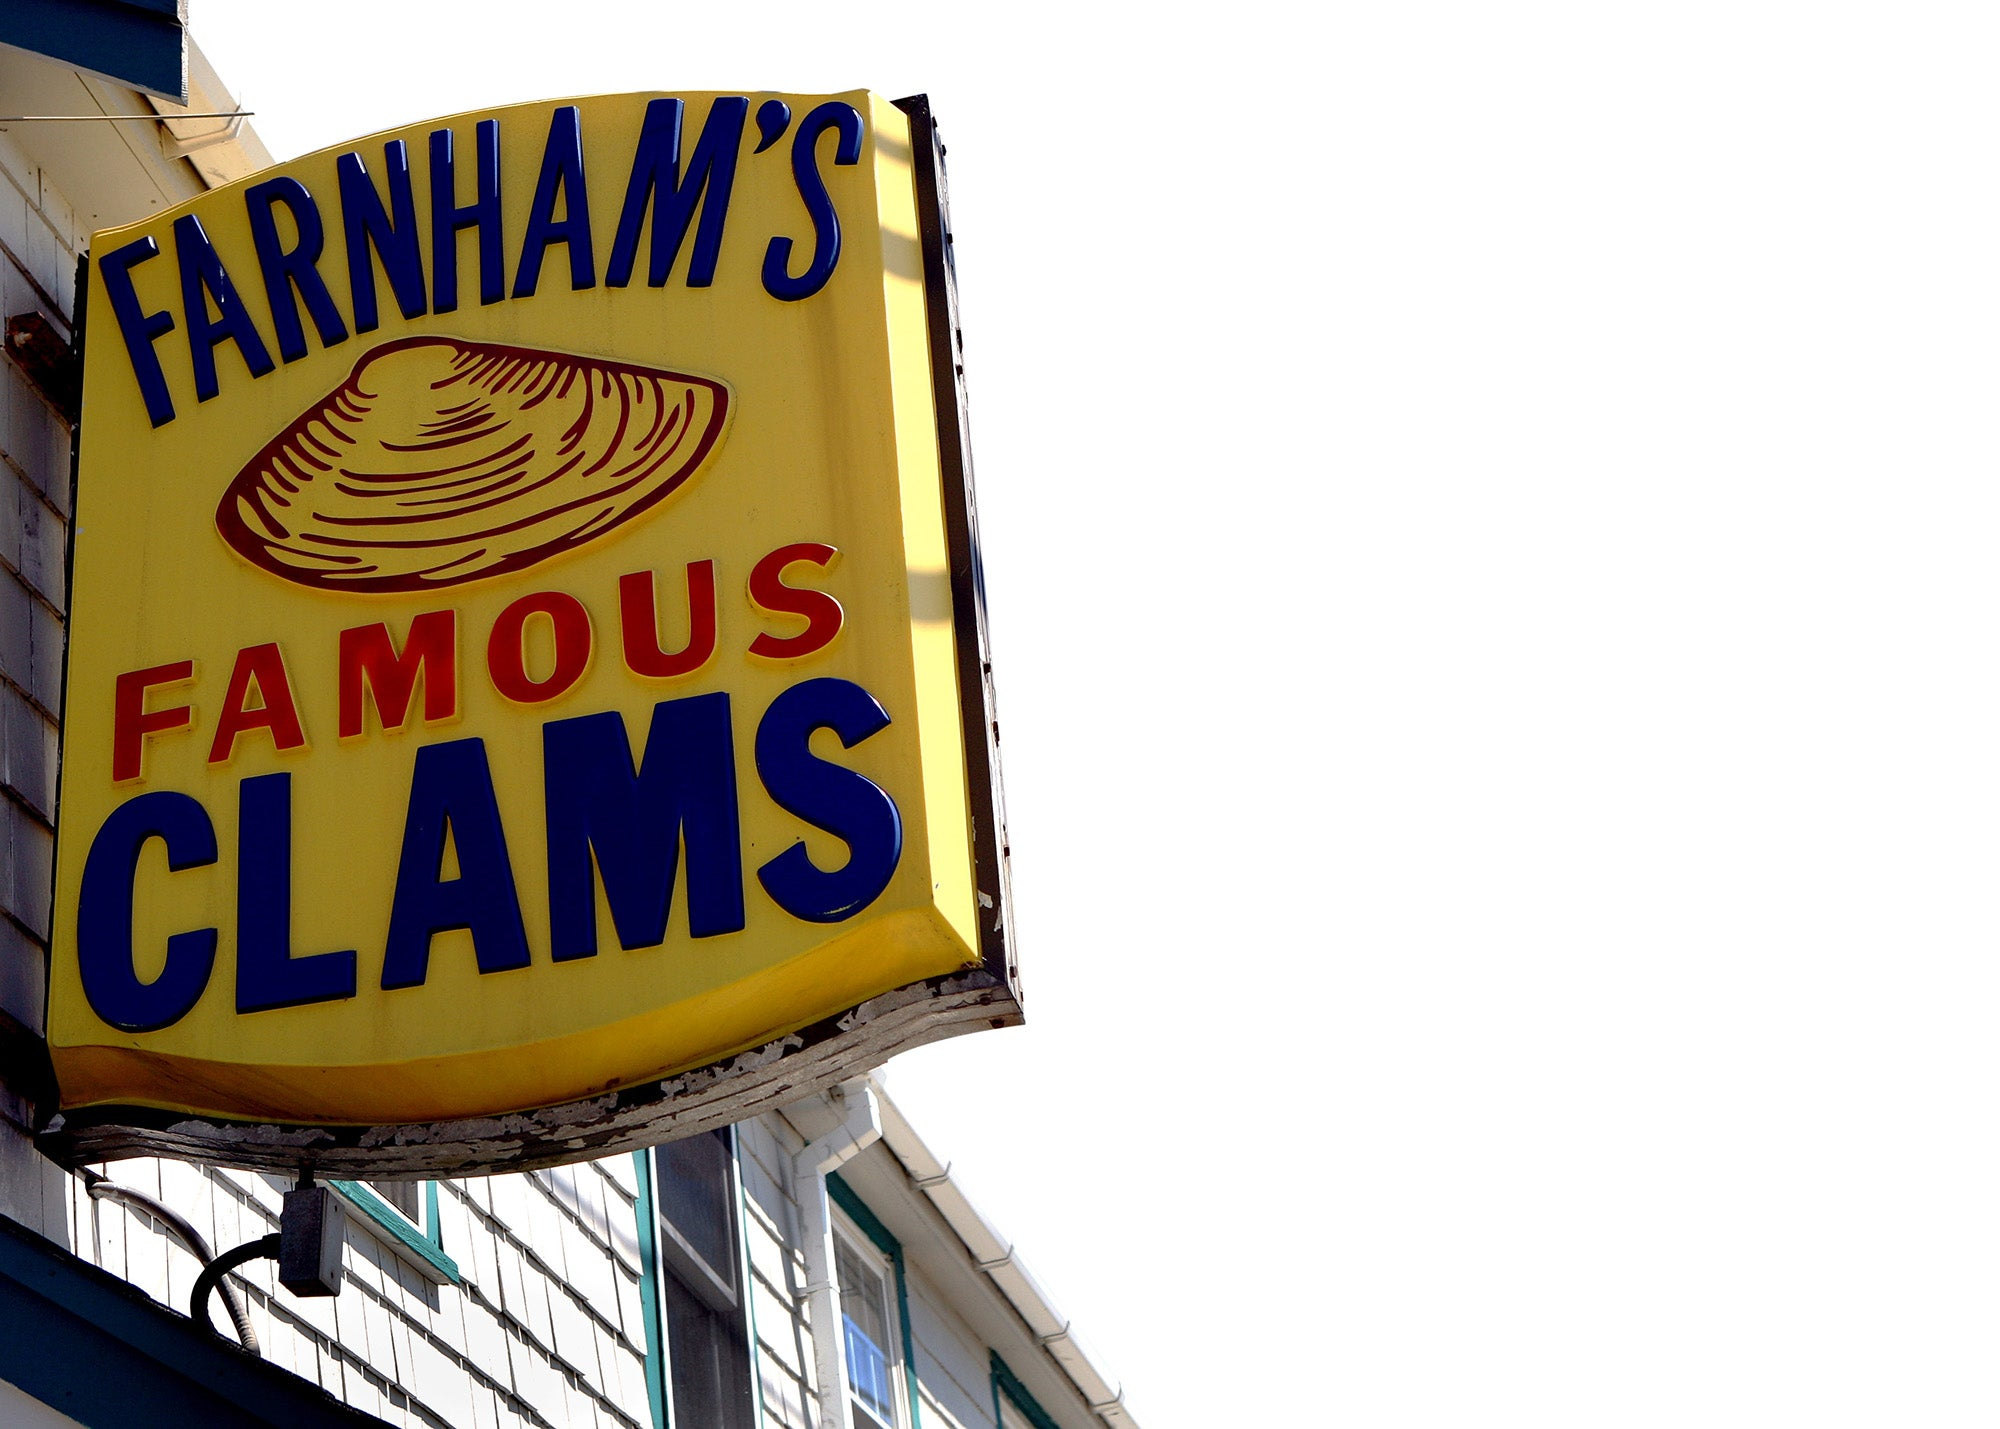 J.T. Farnham's in Essex